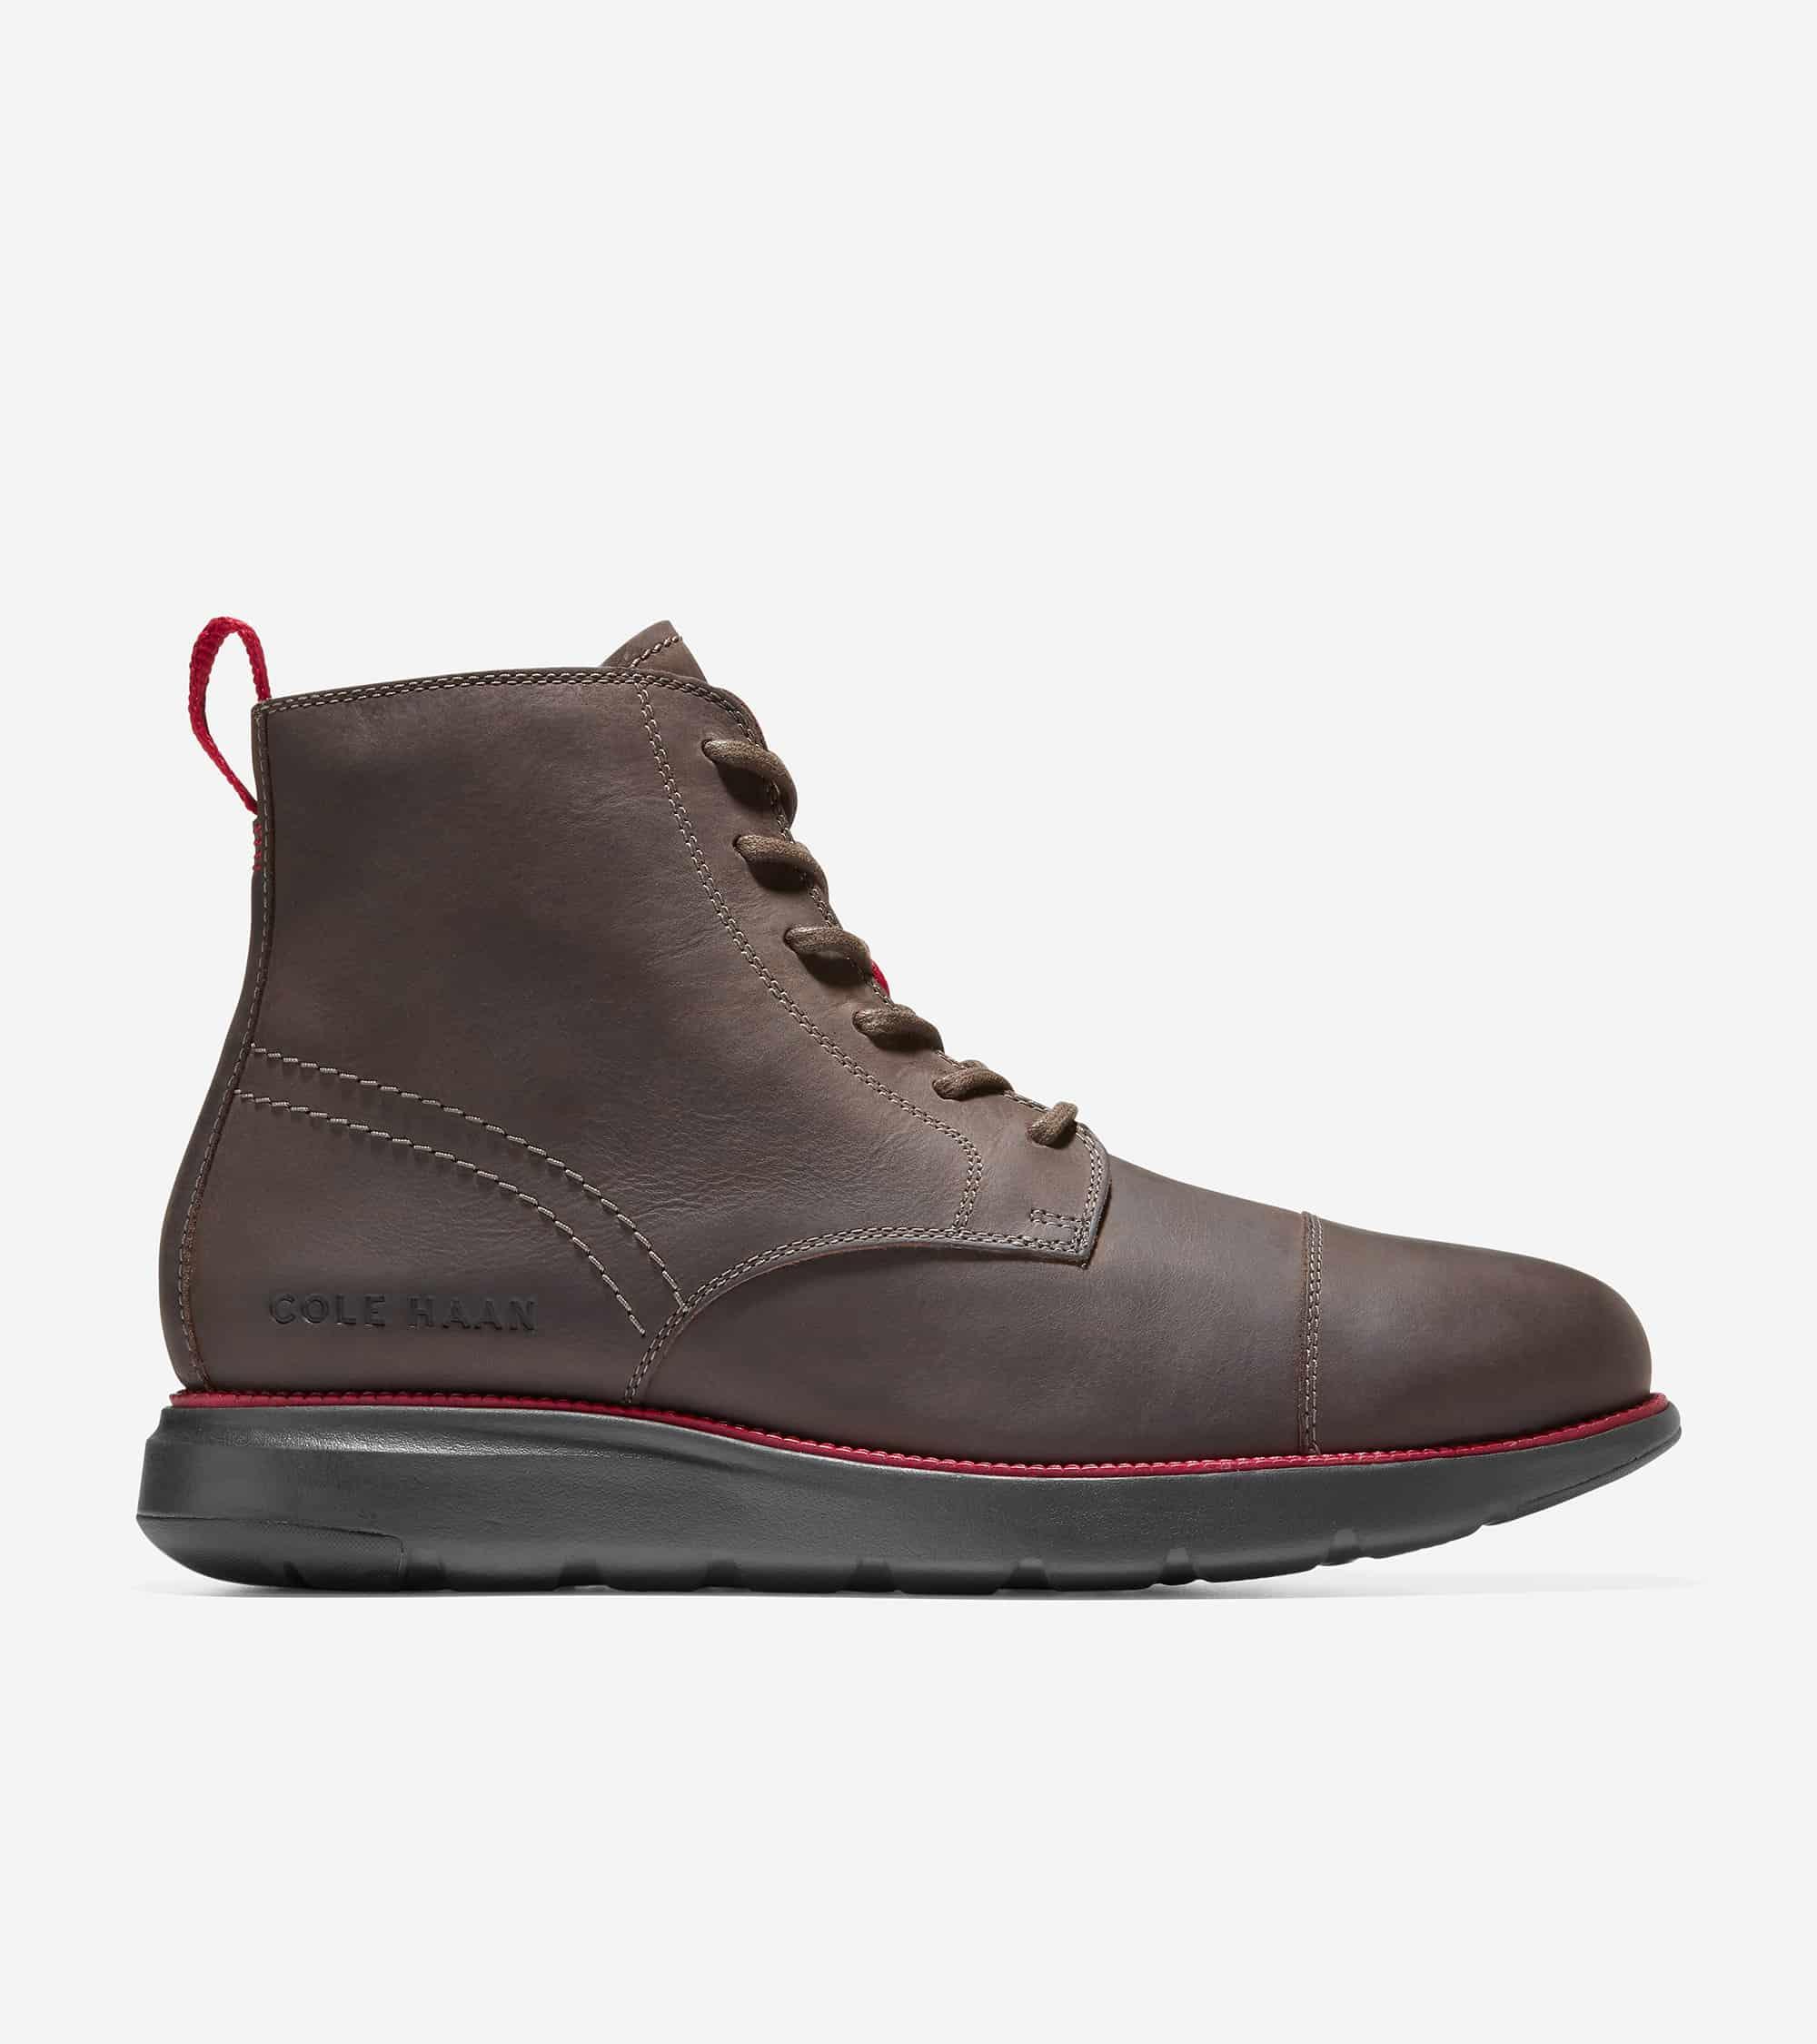 Cole Haan Grand Atlantic Boot Wren Brown-Dark Roast